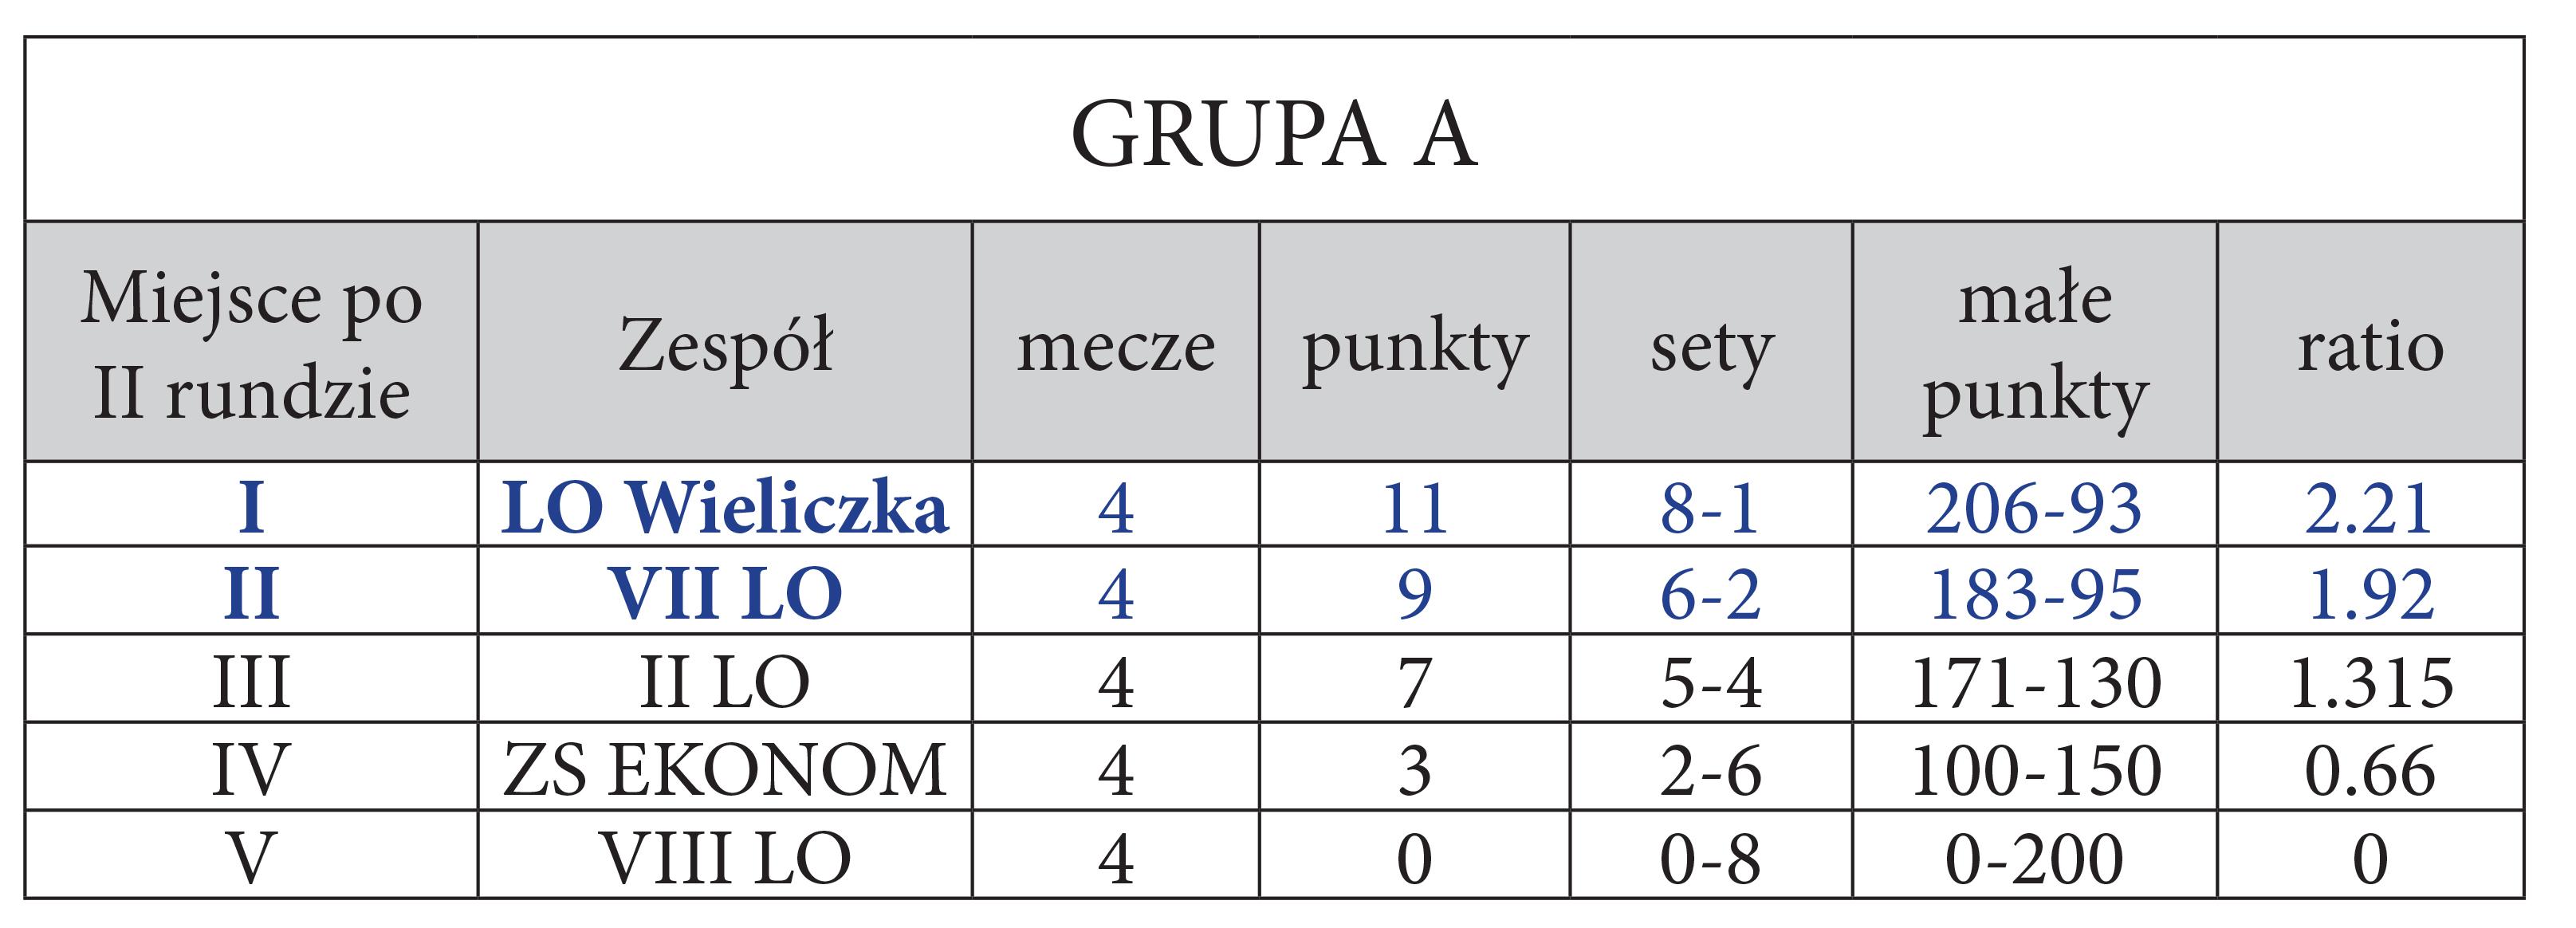 Tabela grupy A po drugiej turze rozgrywek